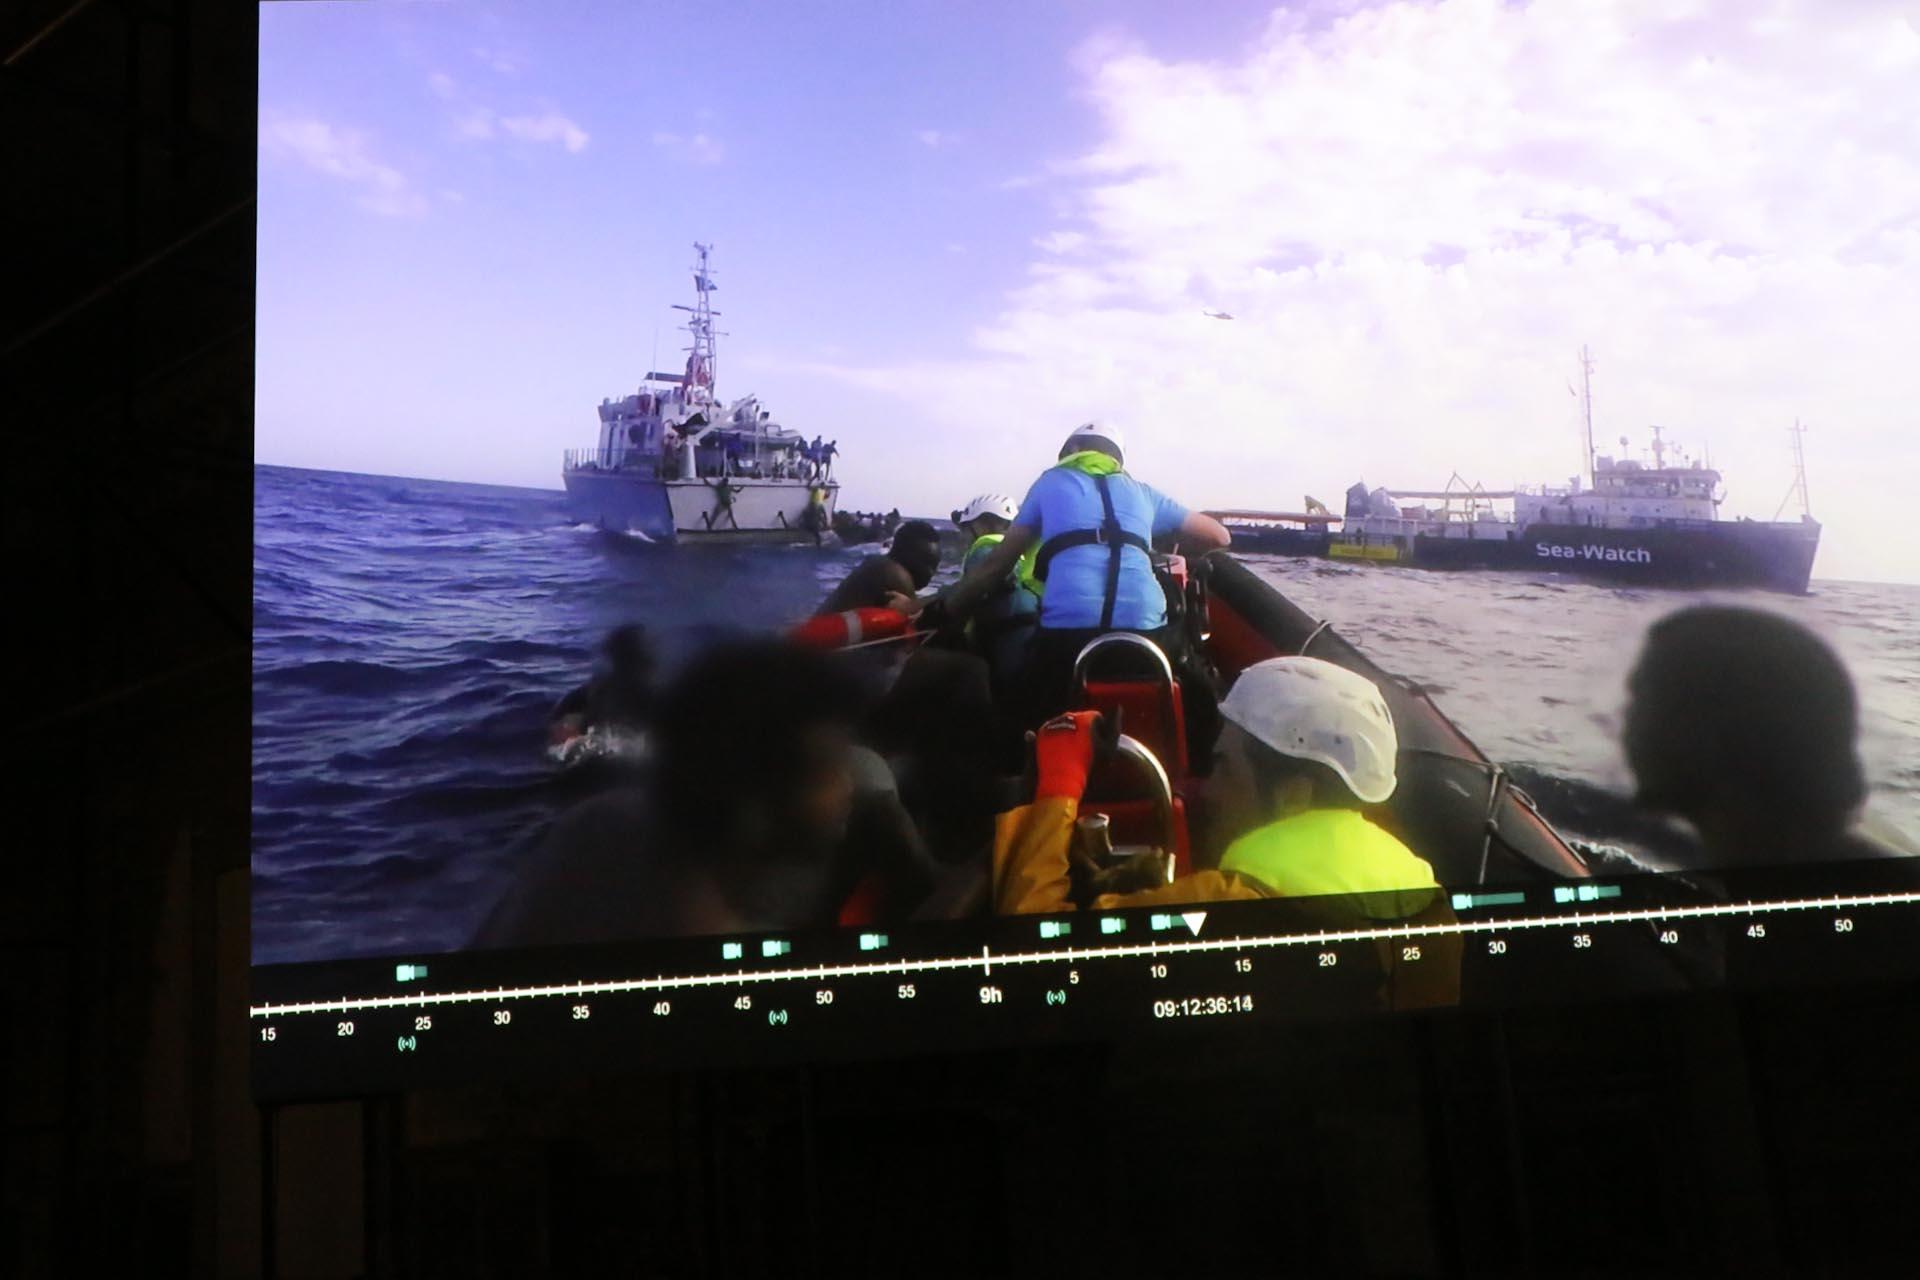 Forensic Oceanography, Liquid Violence (2018), video installation/screenshot – Seit 2011 untersucht die Forensische Ozeanographie kritisch die räumlichen und ästhetischen Bedingungen, die das Mittelmeer zu einer militarisierten Grenzzone gemacht haben, die zum Tod einer großen Zahl von Migranten führt. Liquid Violence (2018) vereint drei Untersuchungen, die in diesem Zeitraum durchgeführt wurden, darunter 'Mare Clausum' (2018) betrifft die zweigleisige Strategie, die derzeit von der italienischen Regierung zur Abschottung der See umgesetzt wird: einerseits die Kriminalisierung der Rettungsaktivitäten von NGOs, andererseits die Unterstützung libyscher Maßnahmen zur Verhinderung und zum Abfangen von Abfahrten. Jedes dieser Werke versucht, eine bestimmte Form der Grenzgewalt zu analysieren und zu hinterfragen, während es gleichzeitig eine politische Anatomie der schwankenden Muster der Grenzkontrolle und (Nicht-) Hilfe auf See und ihrer dramatischen Folgen für das Leben von Migranten zeichnet. Die Arbeit ist im Palazzo Forcella De Seta zu sehen.  Forensic Oceanography, Manifesta 12   Sea Watch